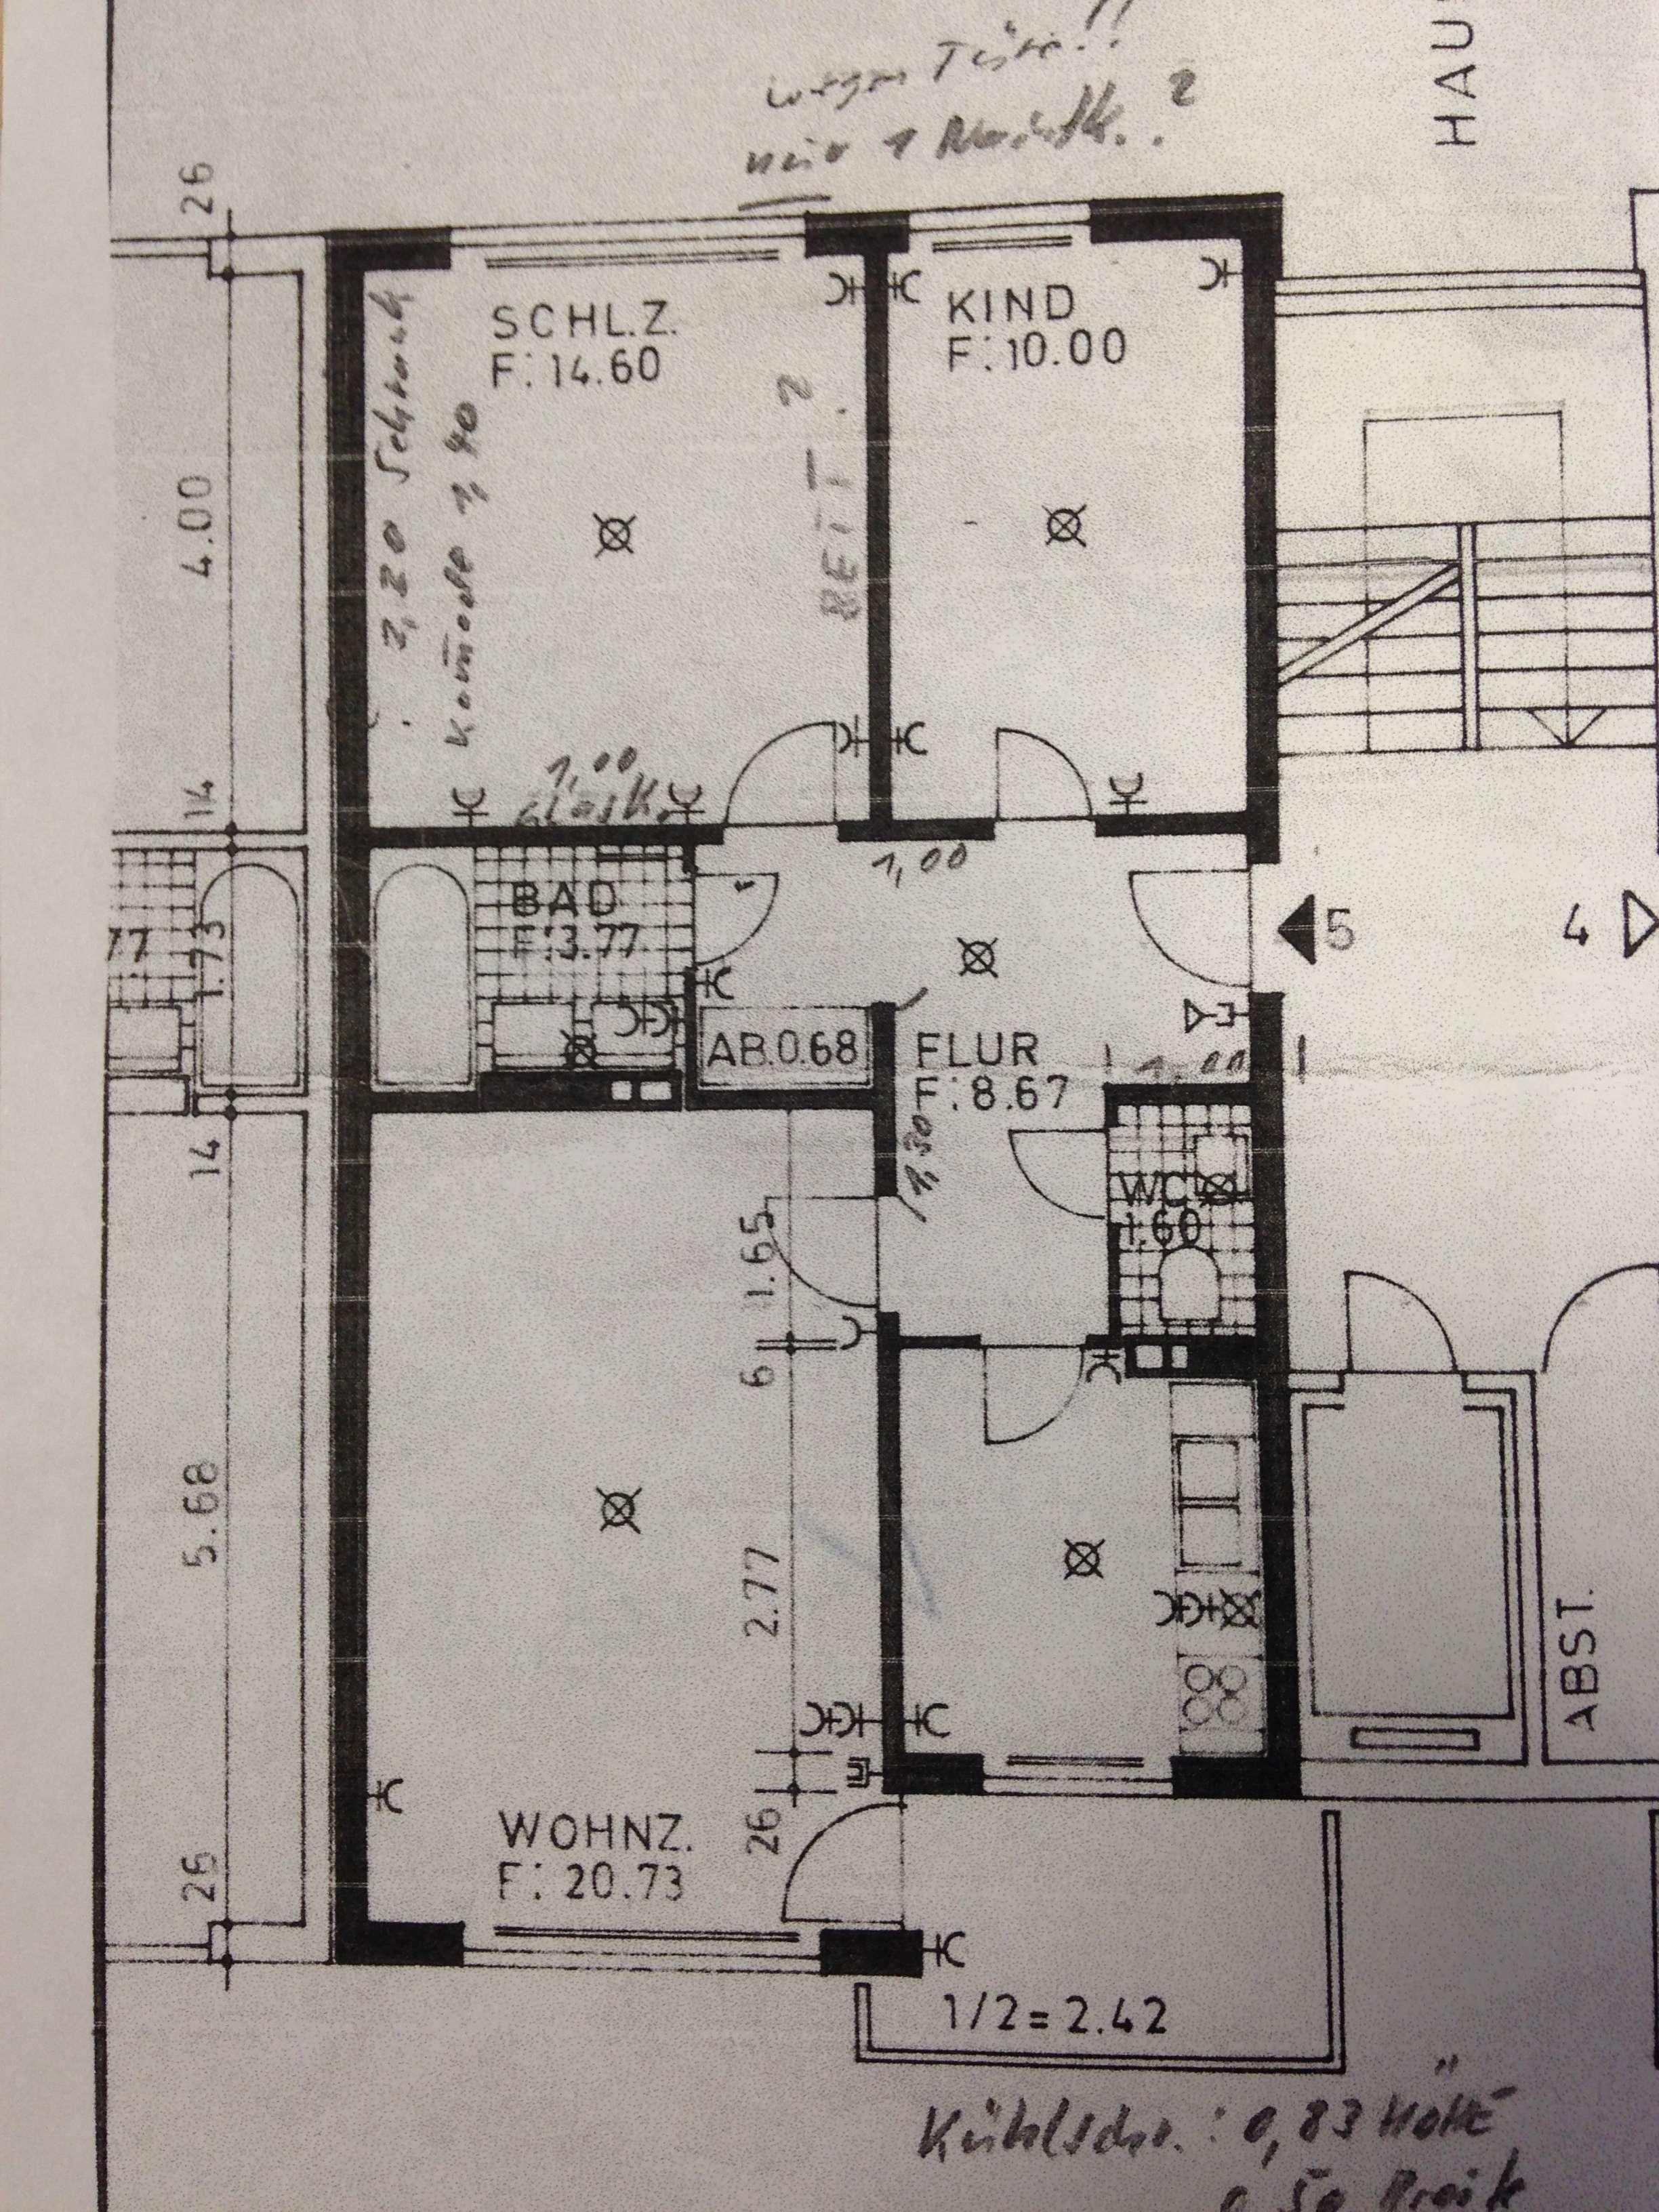 Exklusive, gepflegte 3-Zimmer-Wohnung mit Balkon und Einbauküche in Aubing, München